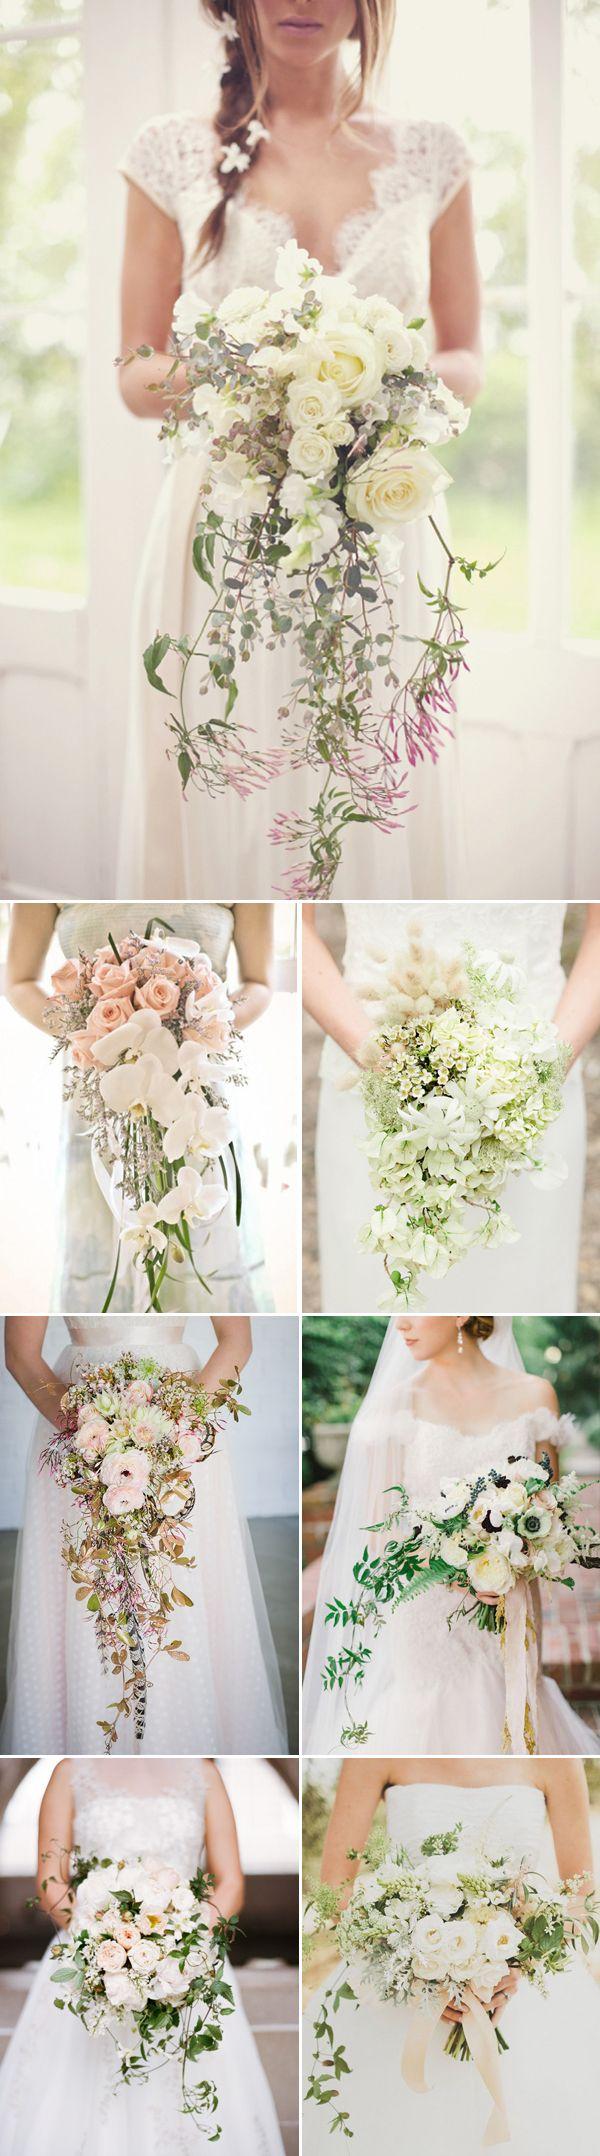 Bouquets em casacata além de lindos são extremamenteo romântticos. #bouquês